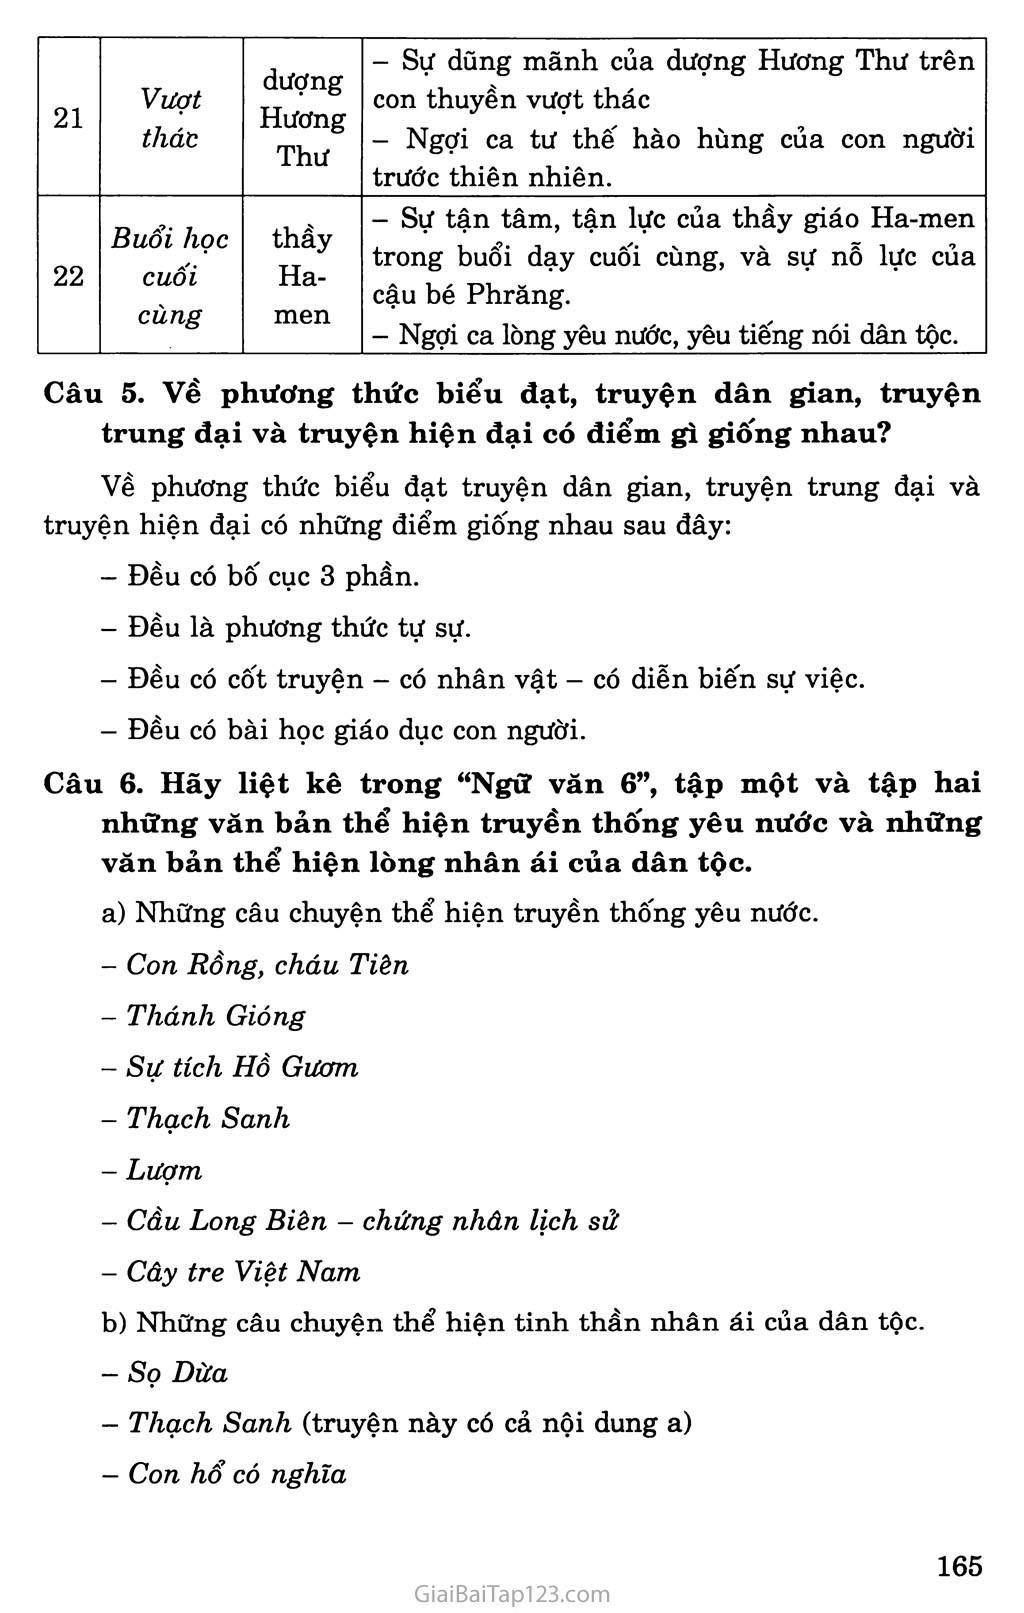 Tổng kết phần Văn trang 4